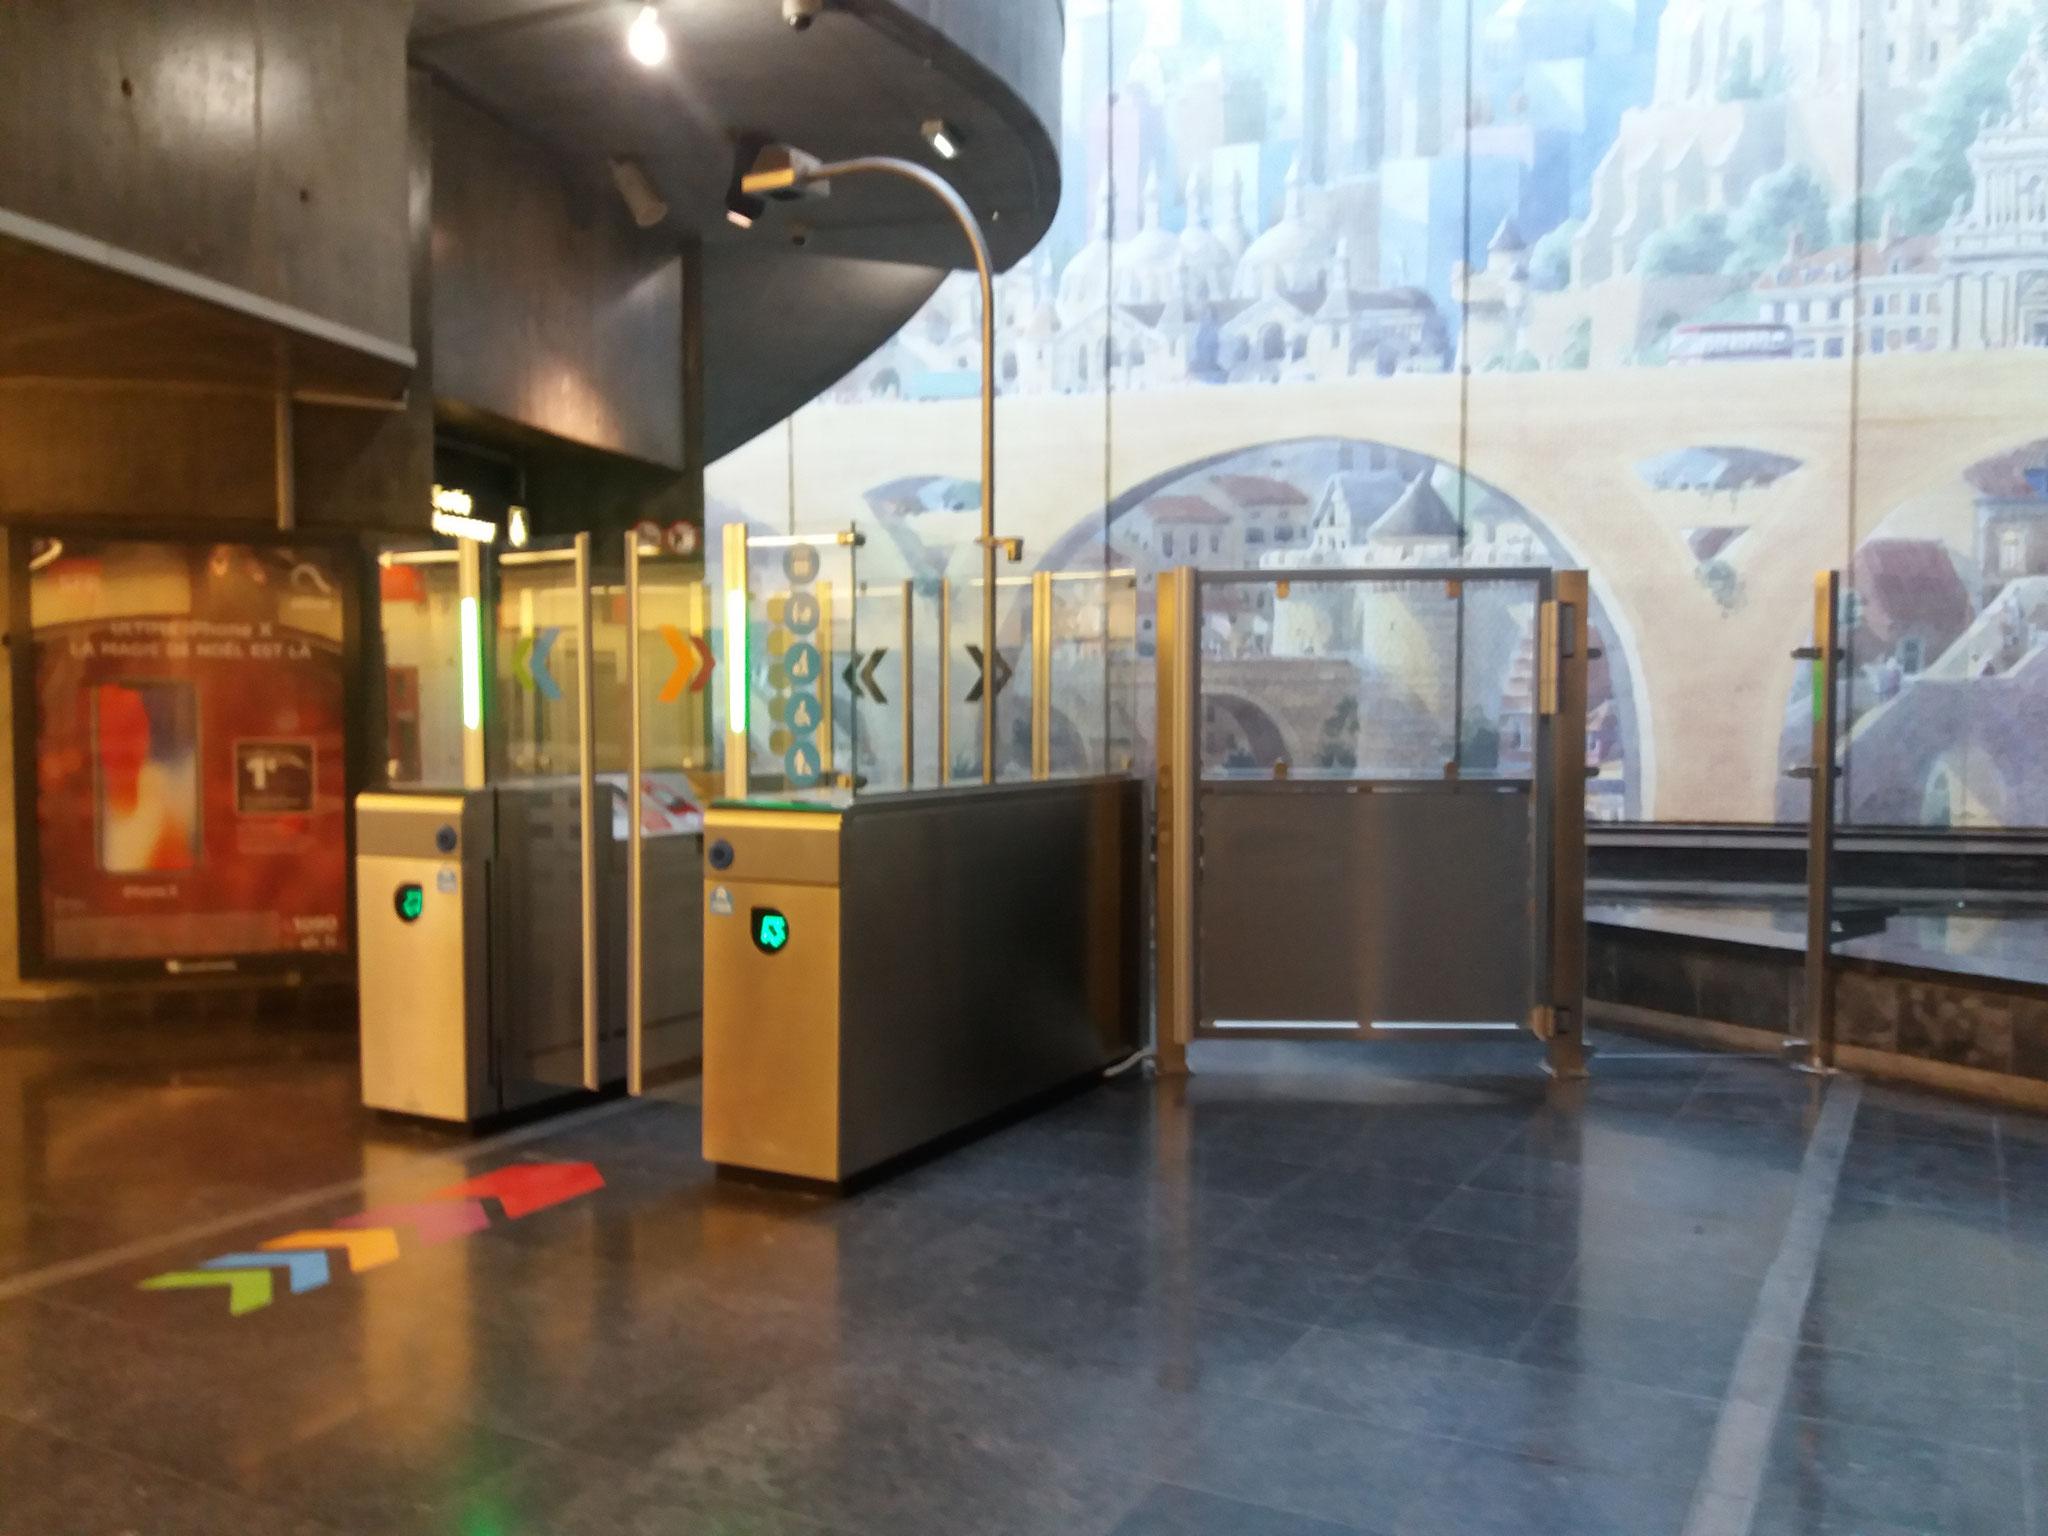 Portiques doubles, à proximité des ascenseurs.